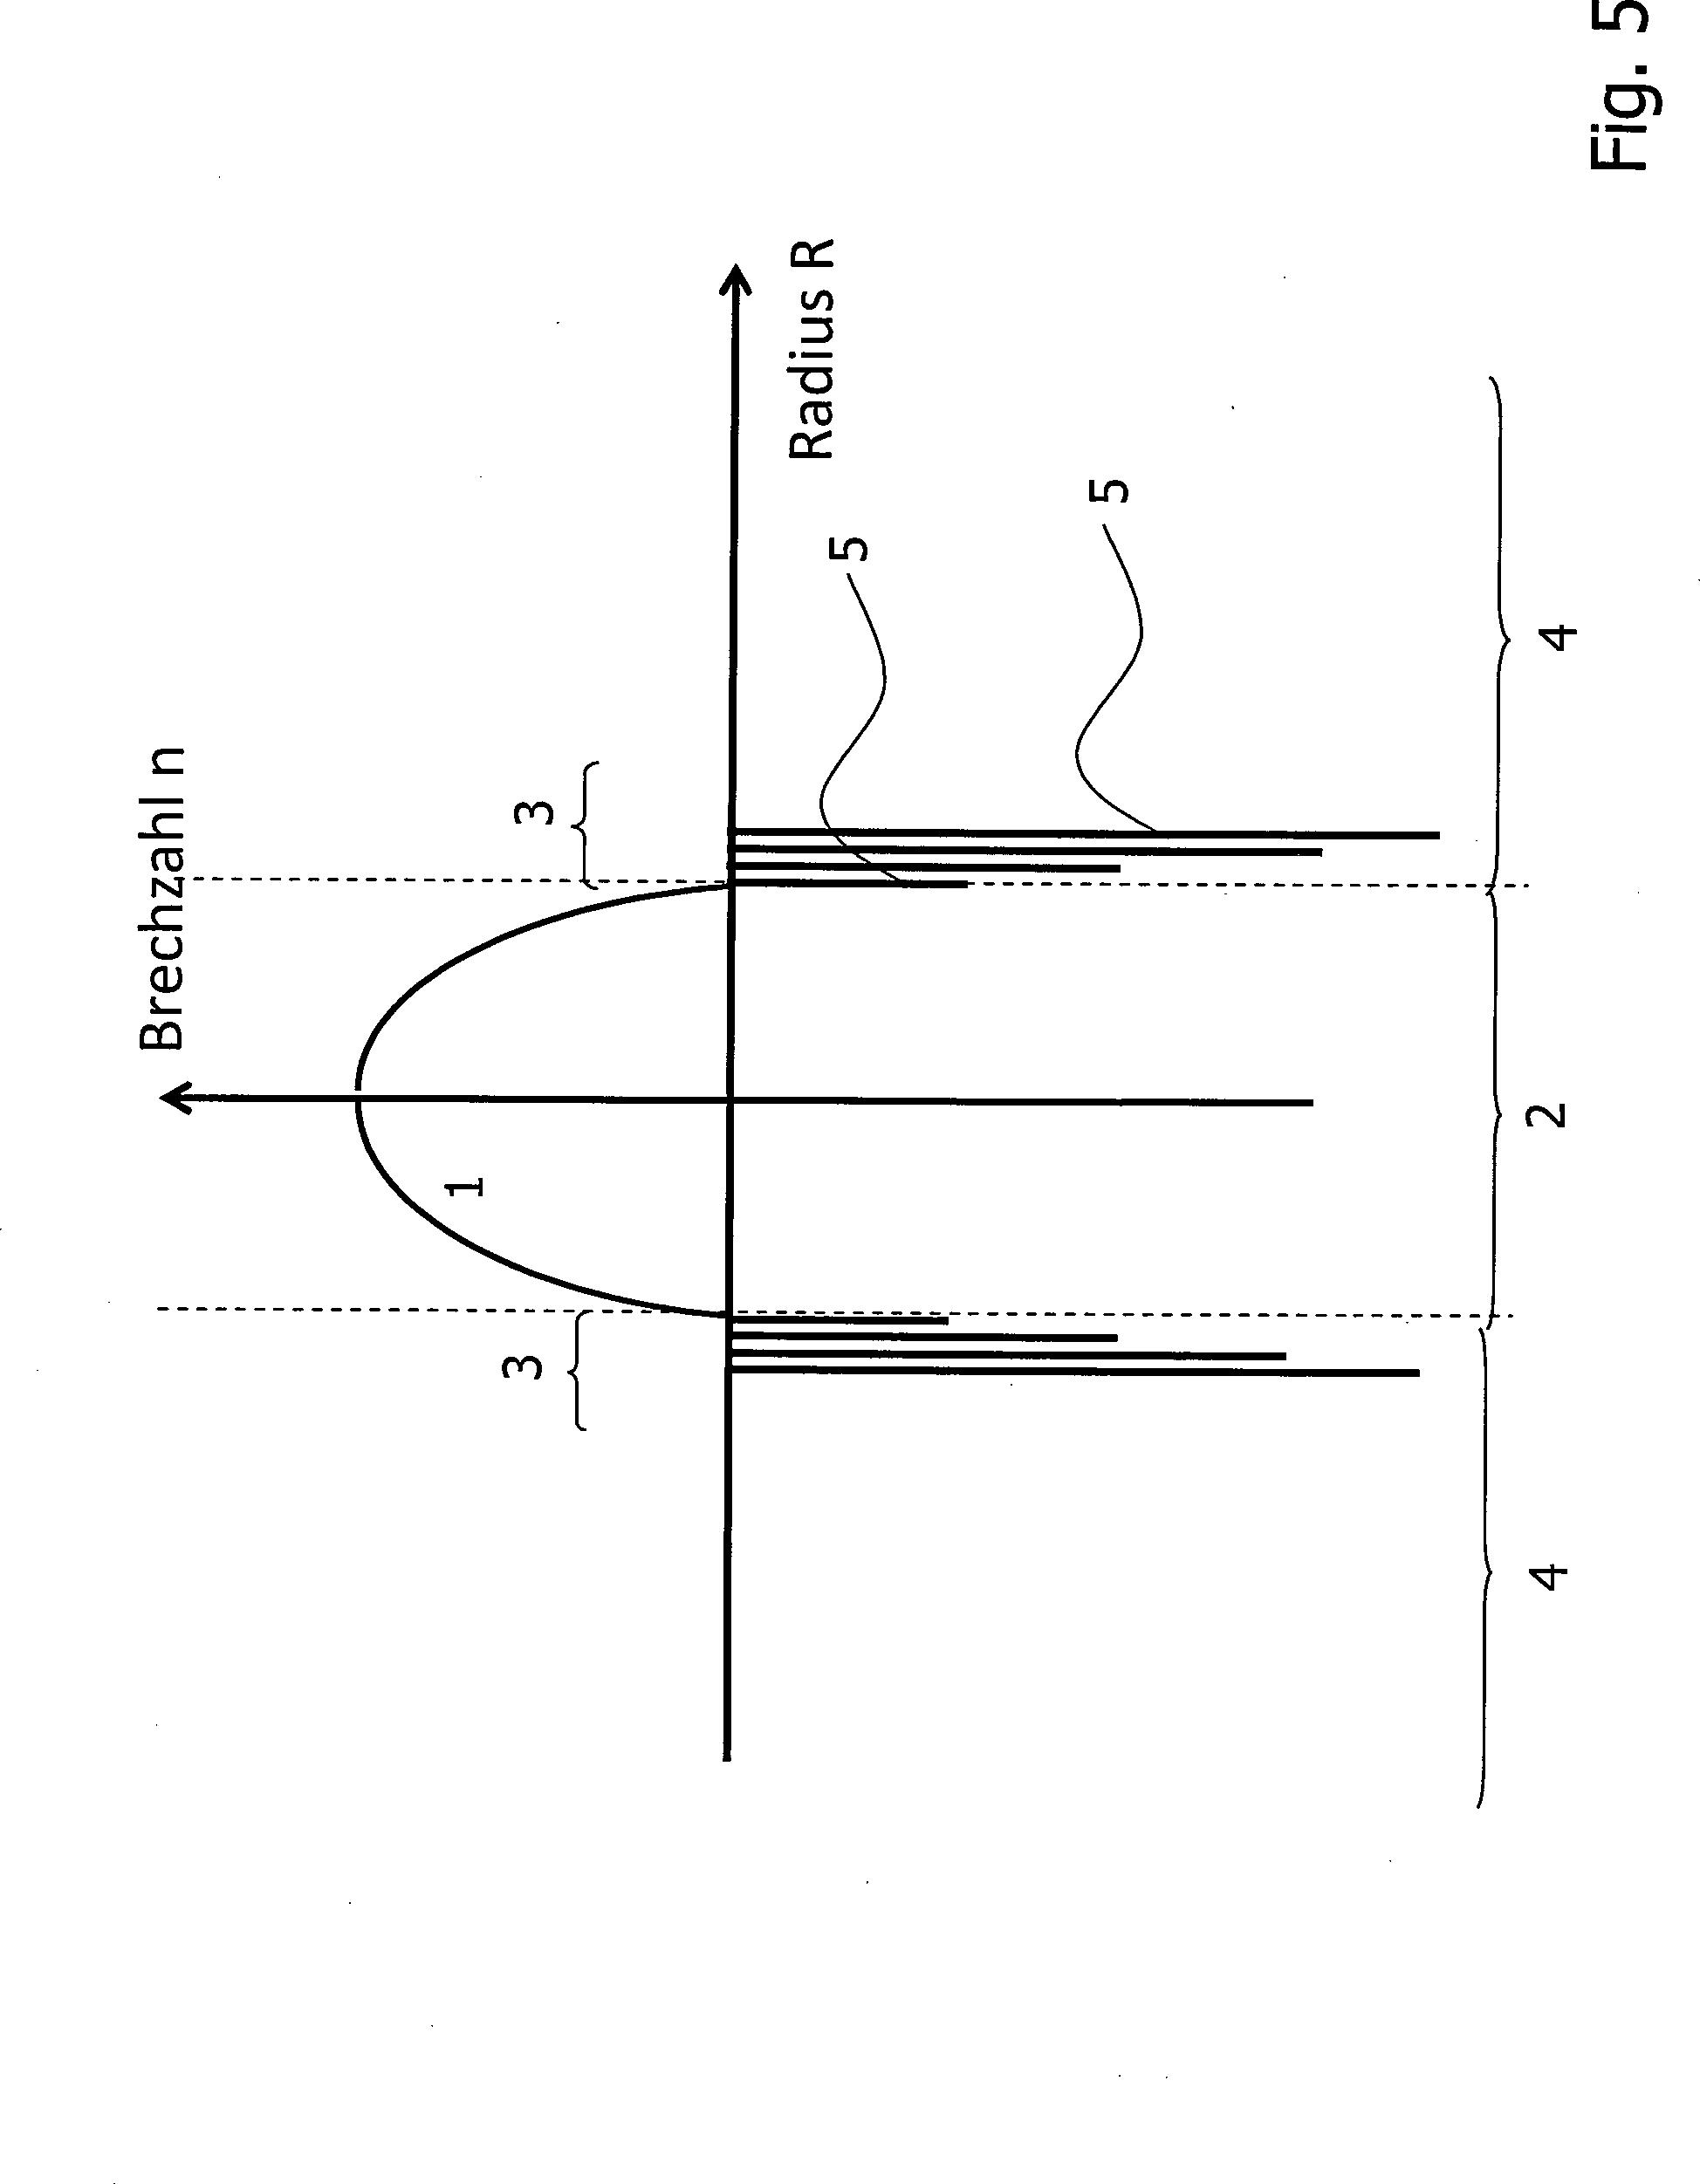 Fein Lichtwellenleiter Diagramm Galerie - Schaltplan Serie Circuit ...